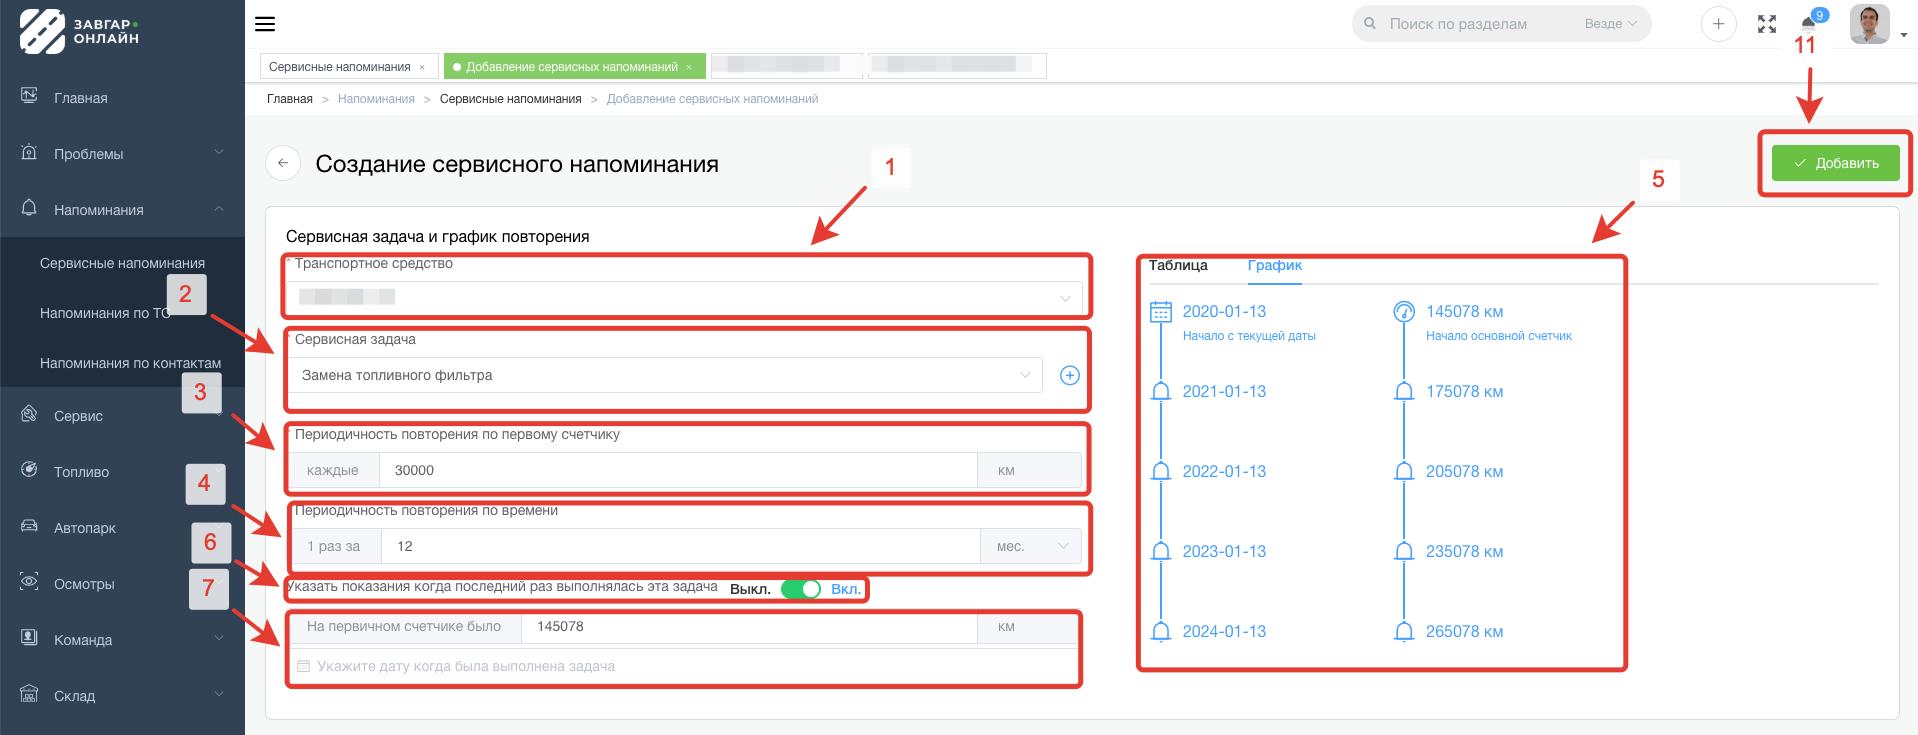 Добавление сервисного напоминания в системе Завгар Онлайн (1)